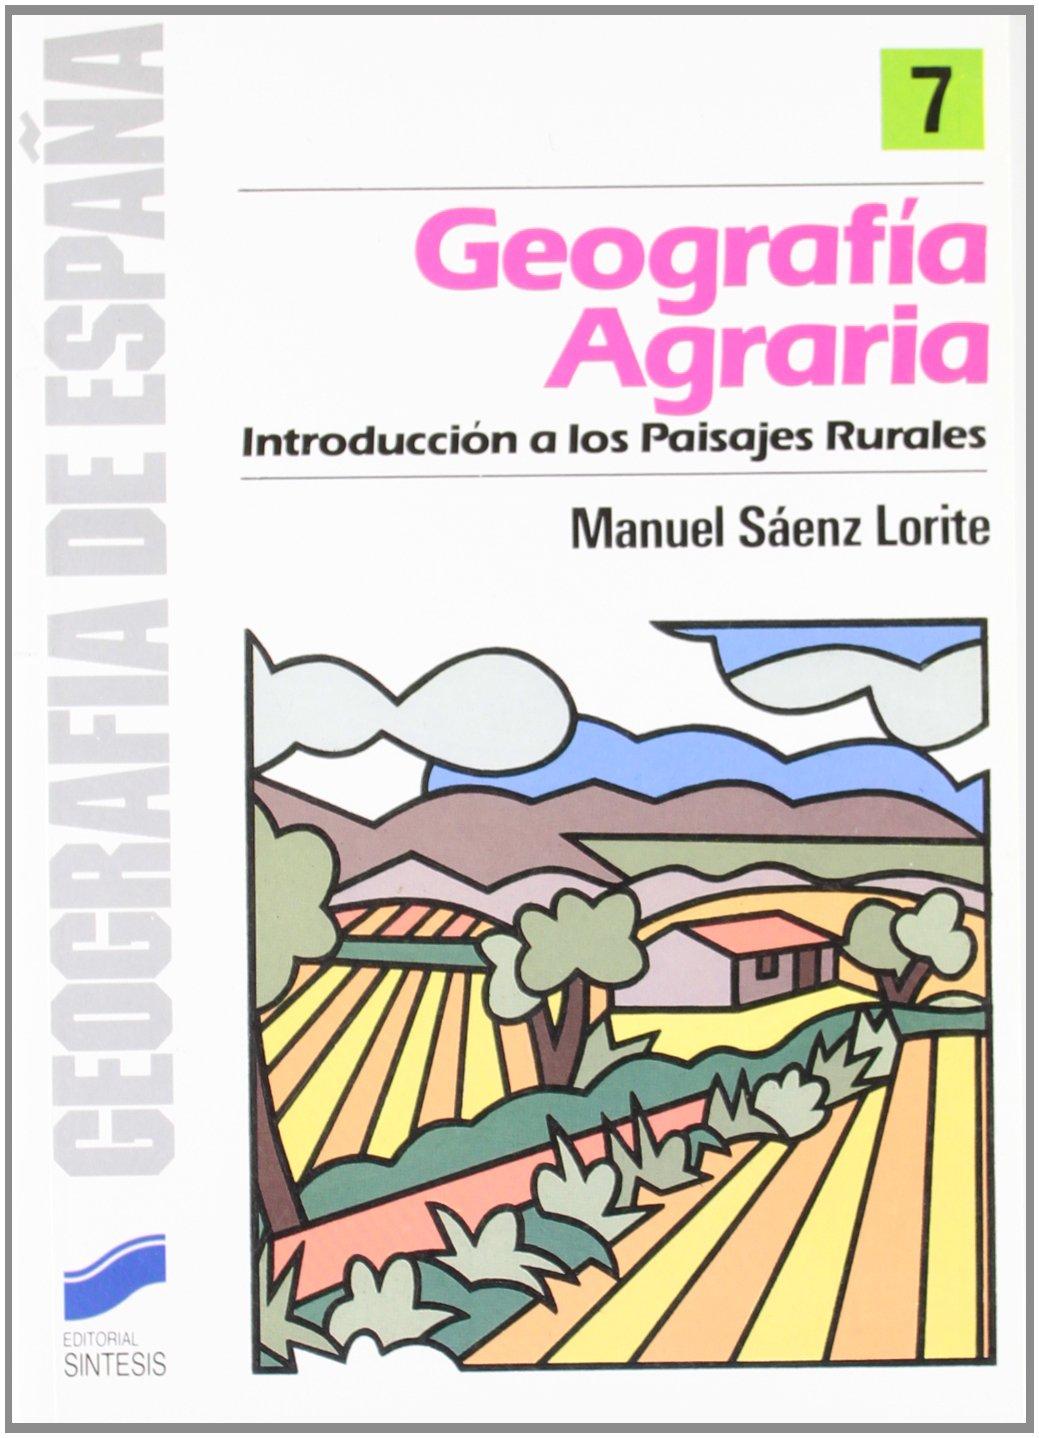 GEOGRAFIA AGRARIA (7) (Geografía,Geografía de España): Amazon.es: Sáenz Lorite, Manuel: Libros